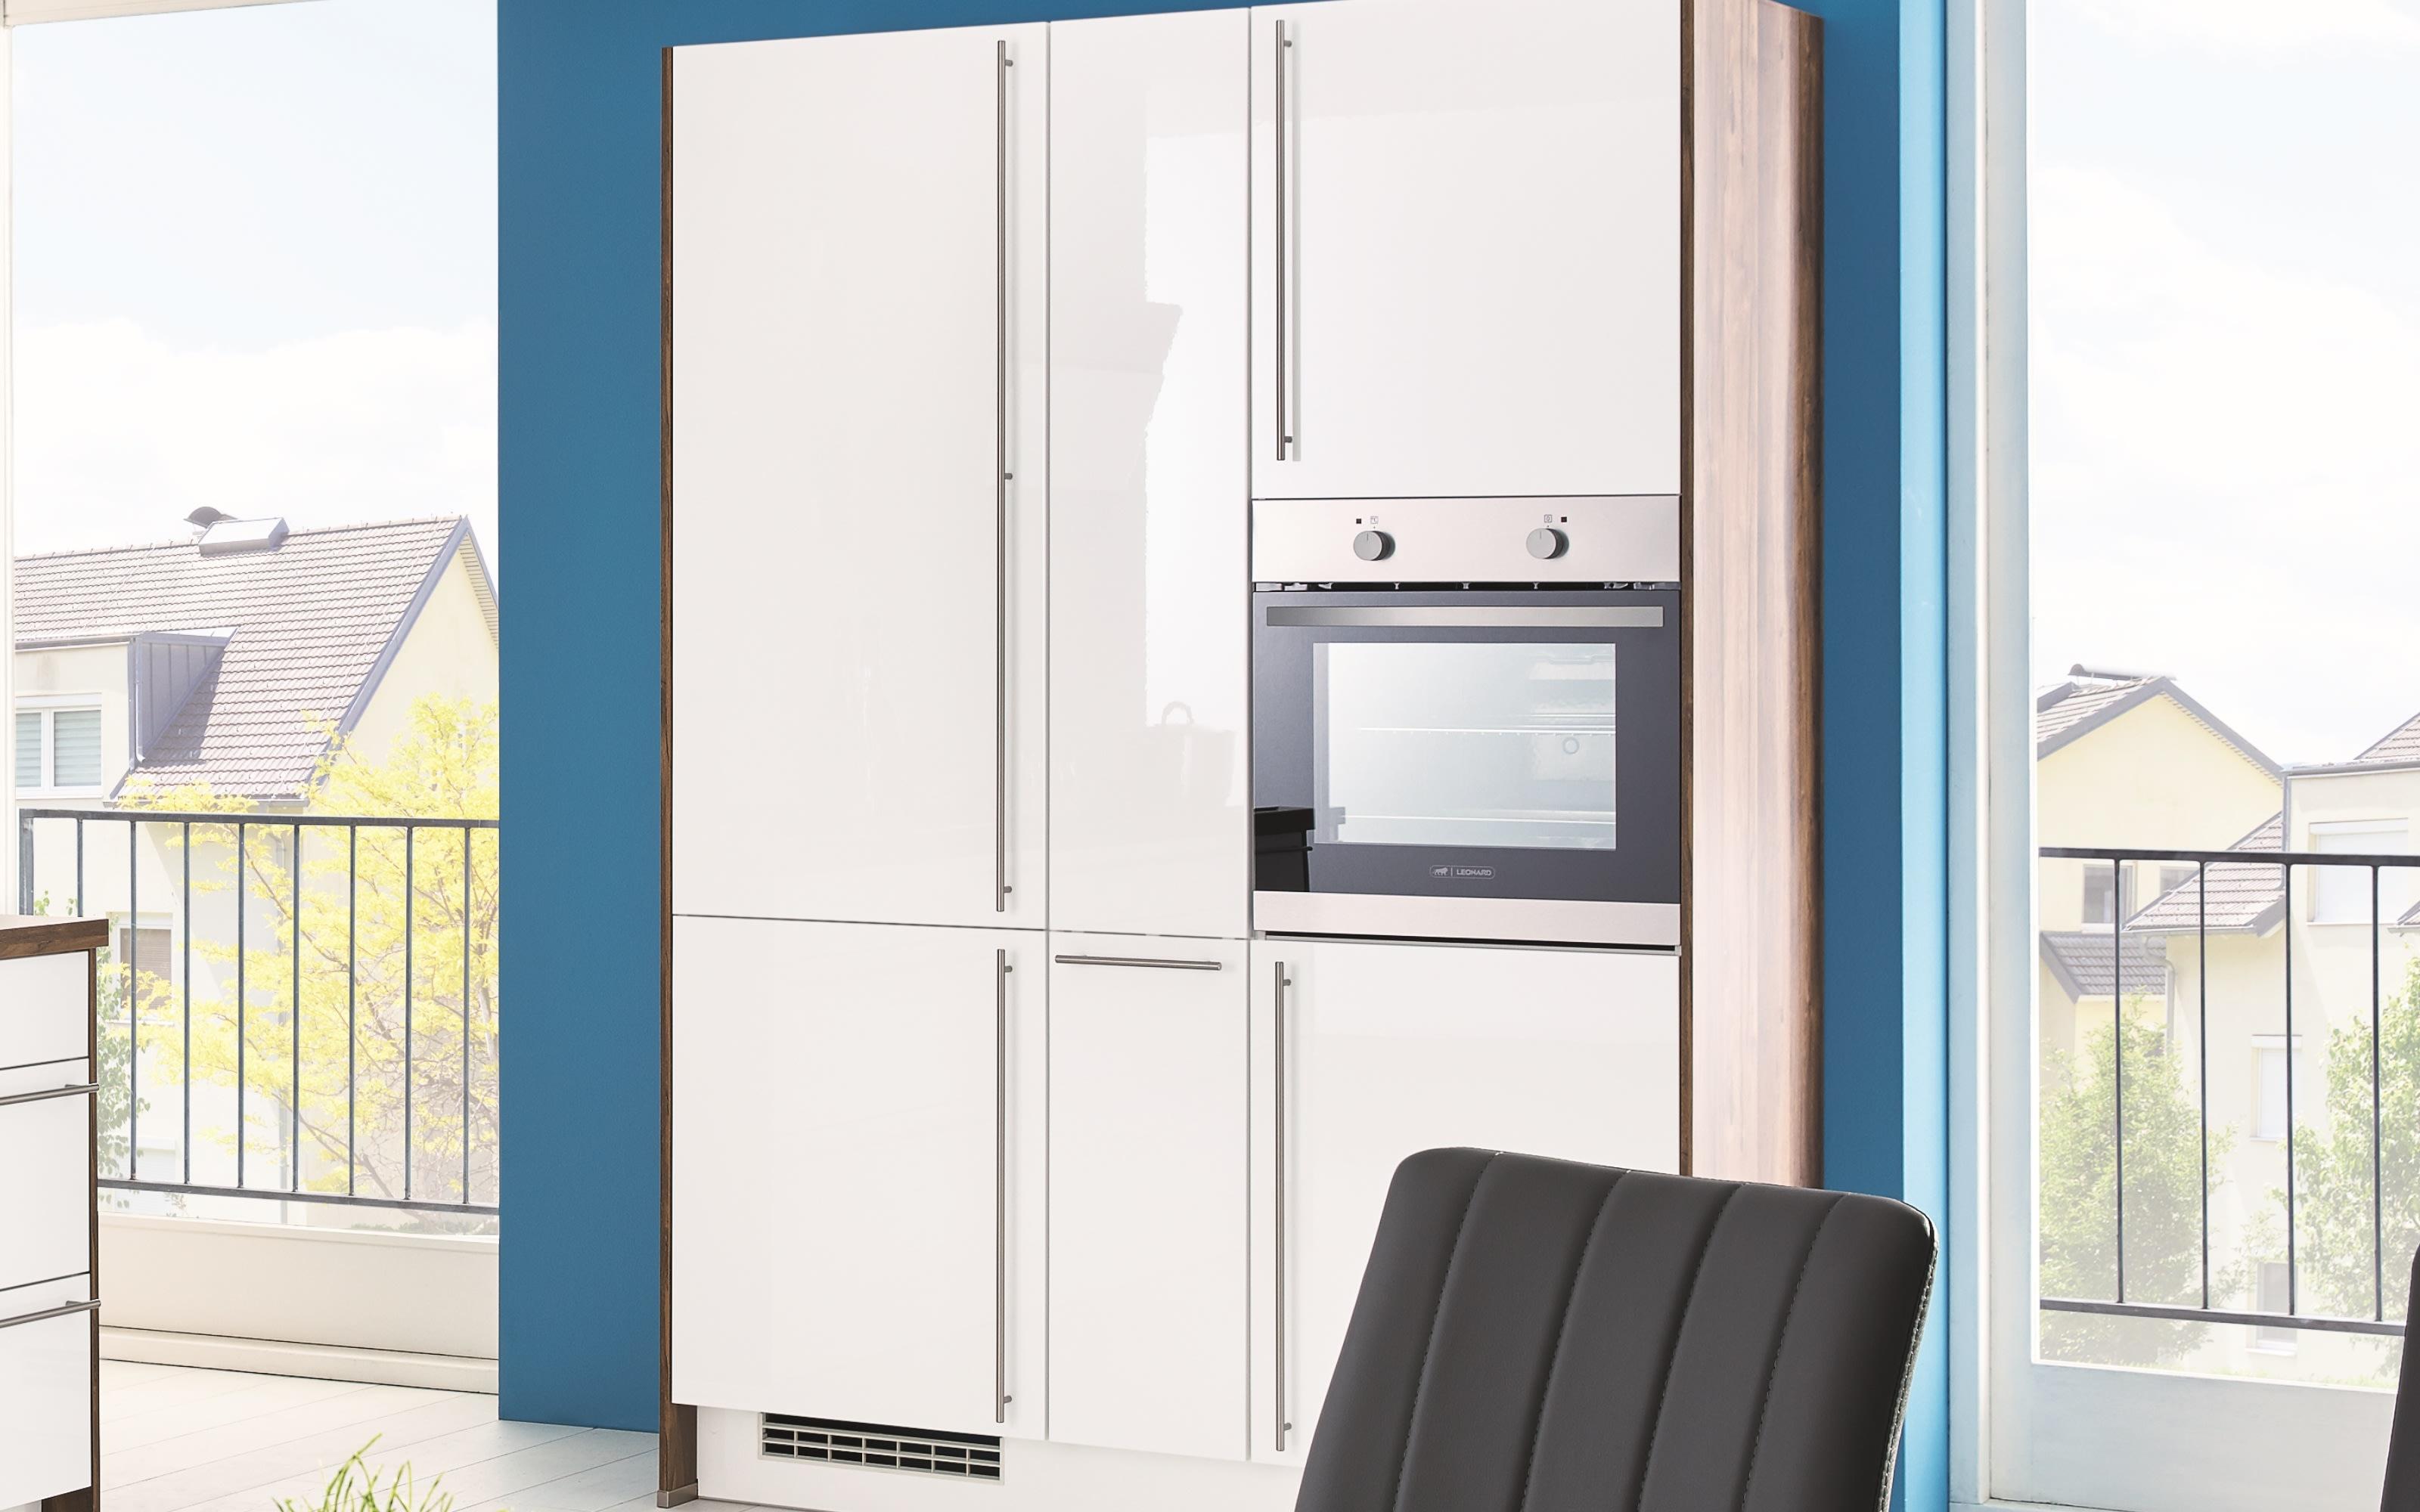 Einbauküche Flash, Lacklaminat weiß Hochglanz, inklusive Elektrogeräte